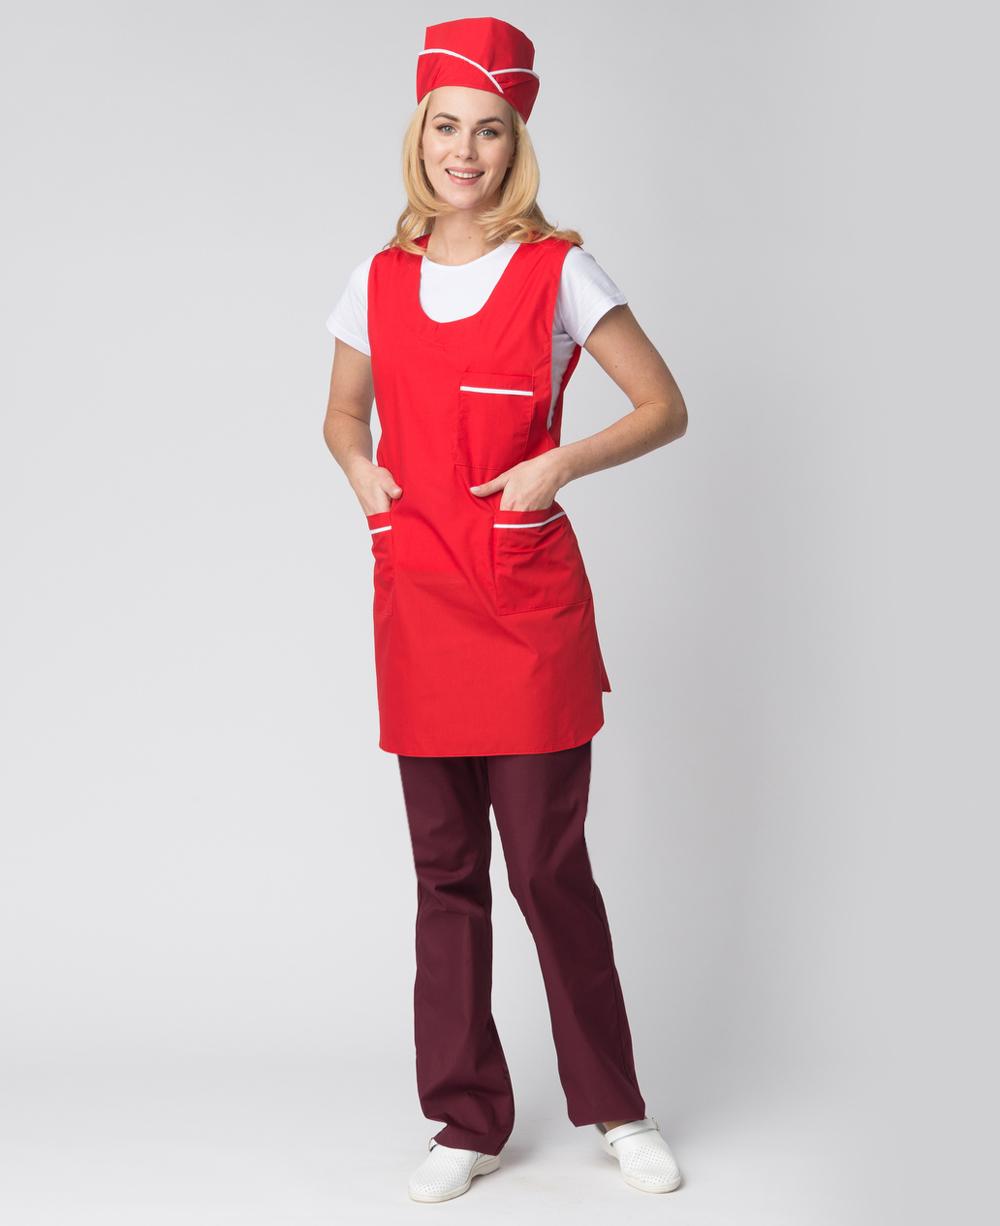 Комплект женский Хозяйка тк Тиси красный белый фартук пилотка